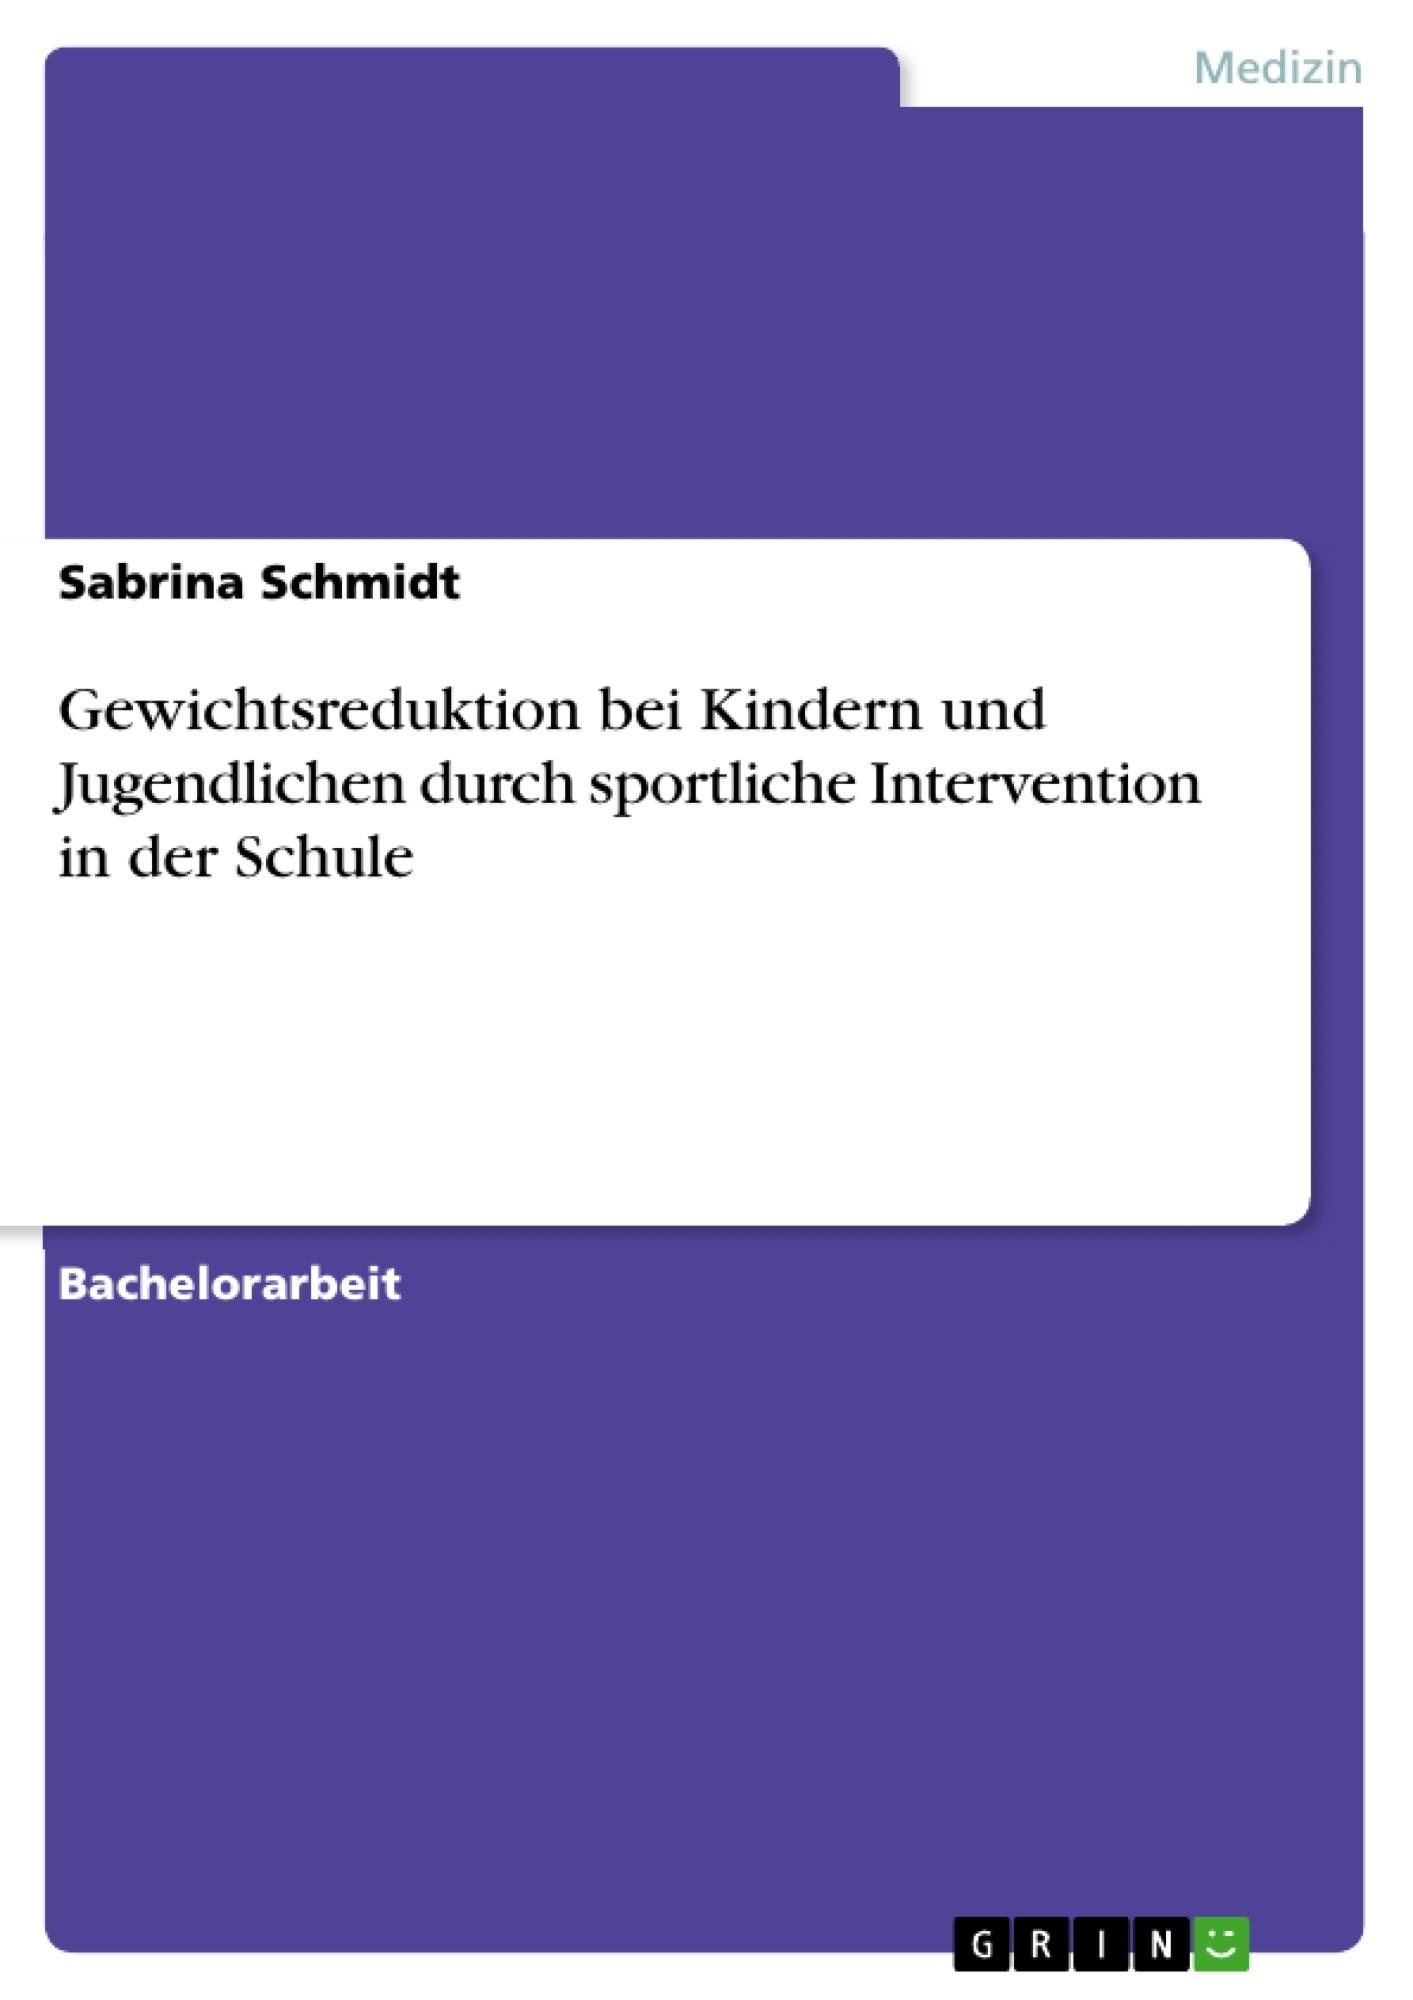 Titel: Gewichtsreduktion bei Kindern und Jugendlichen durch sportliche Intervention in der Schule